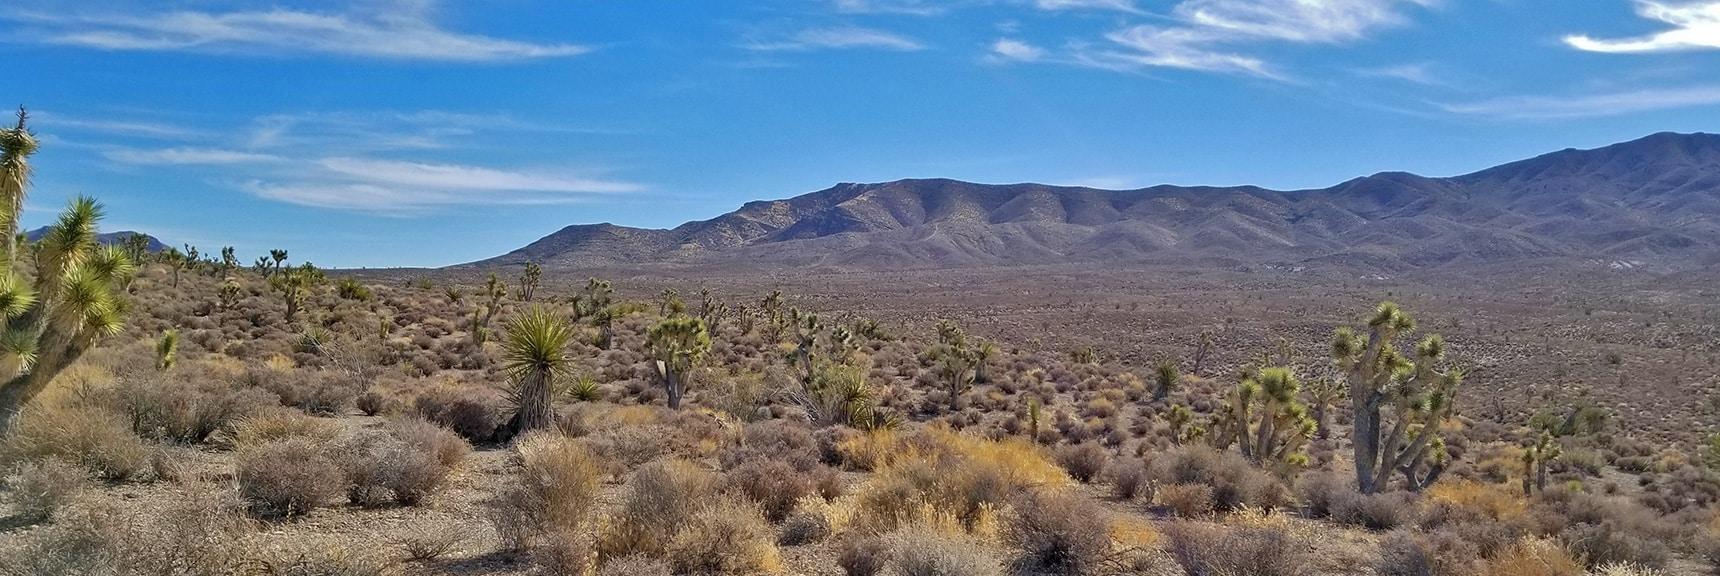 View Toward Northeastern Pass of Gass Peak from Gass Peak Road | Gass Peak Road Circuit | Desert National Wildlife Refuge | Nevada